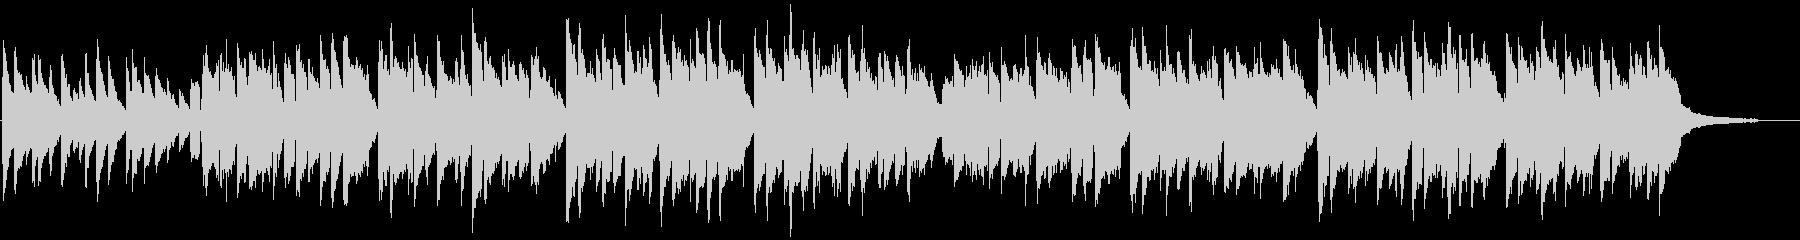 「蛍の光」 ピアノ伴奏での独唱の未再生の波形